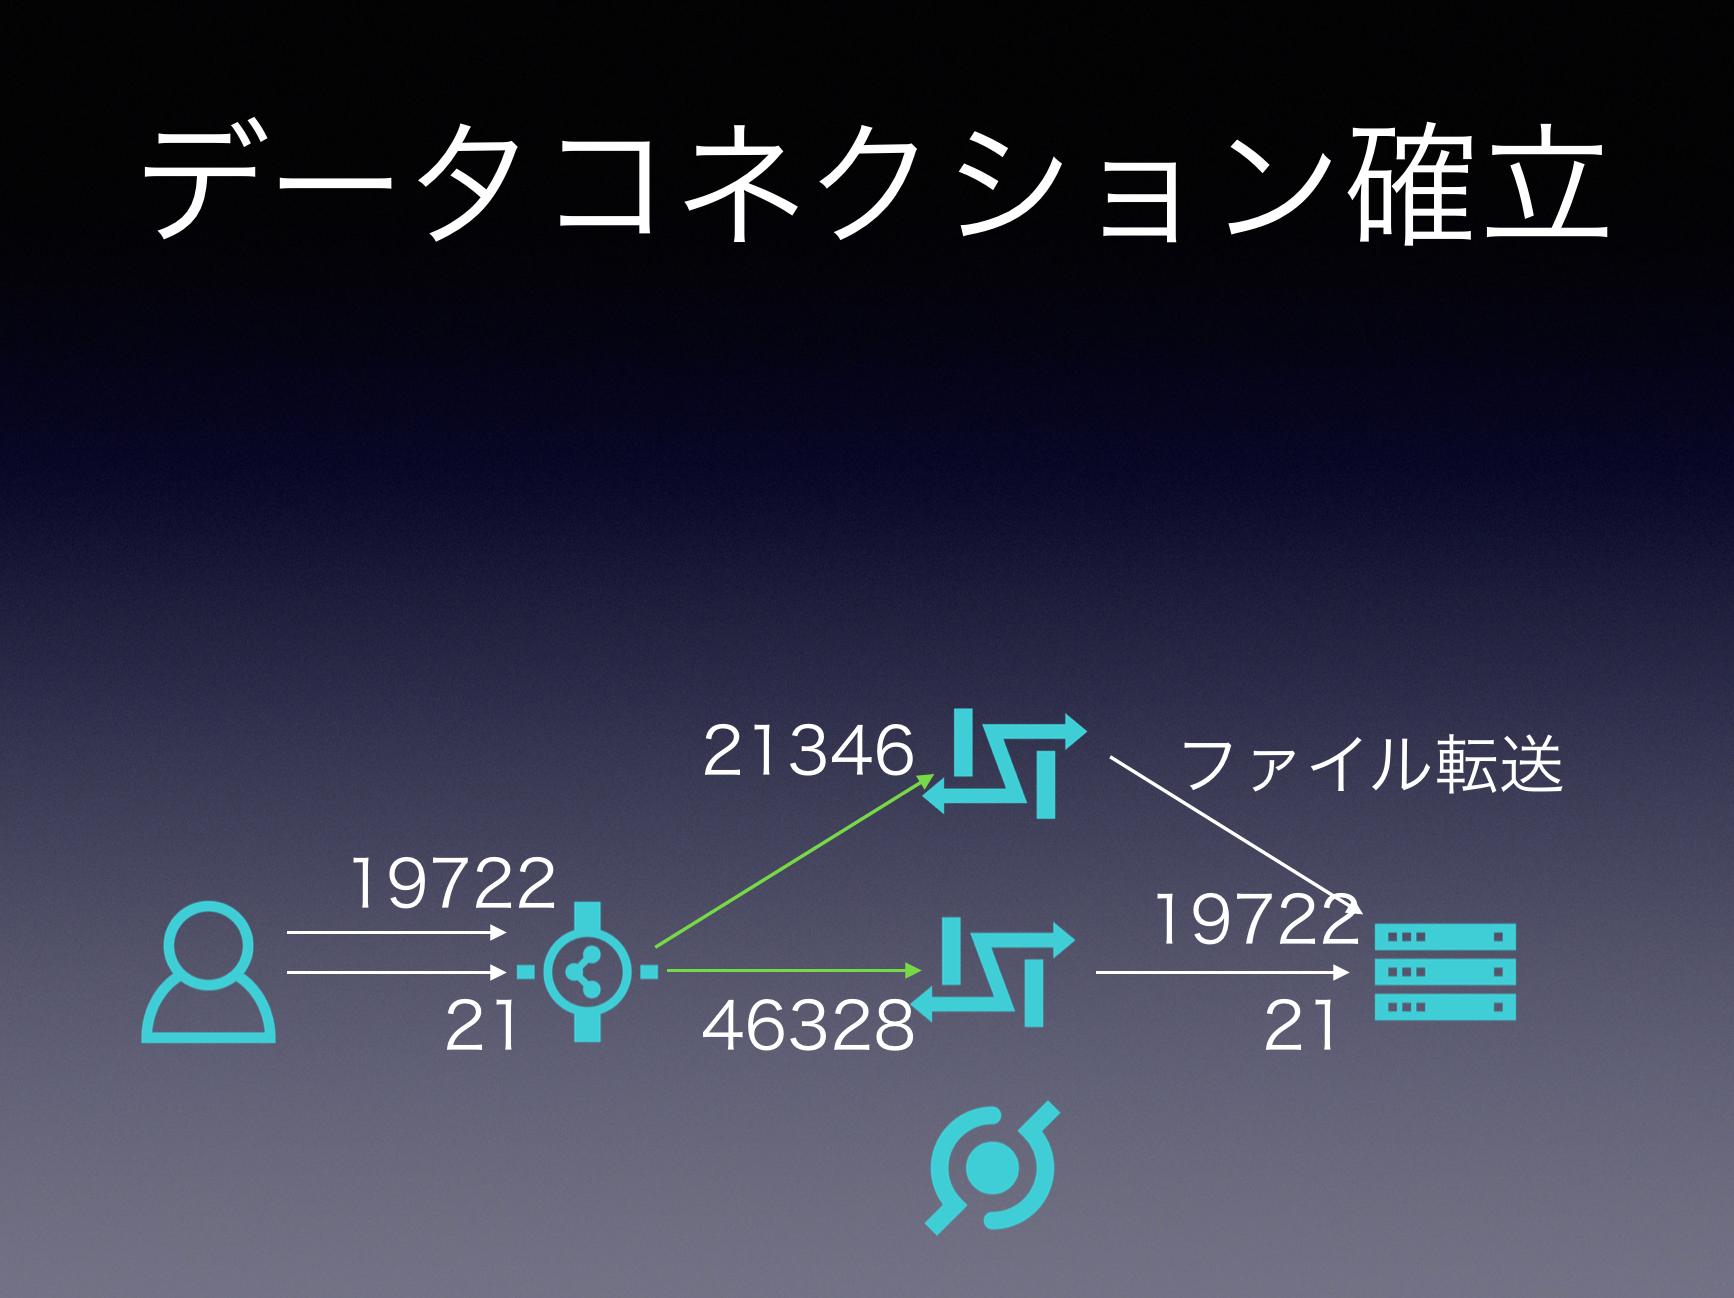 スクリーンショット 2019-12-07 22.35.56.png